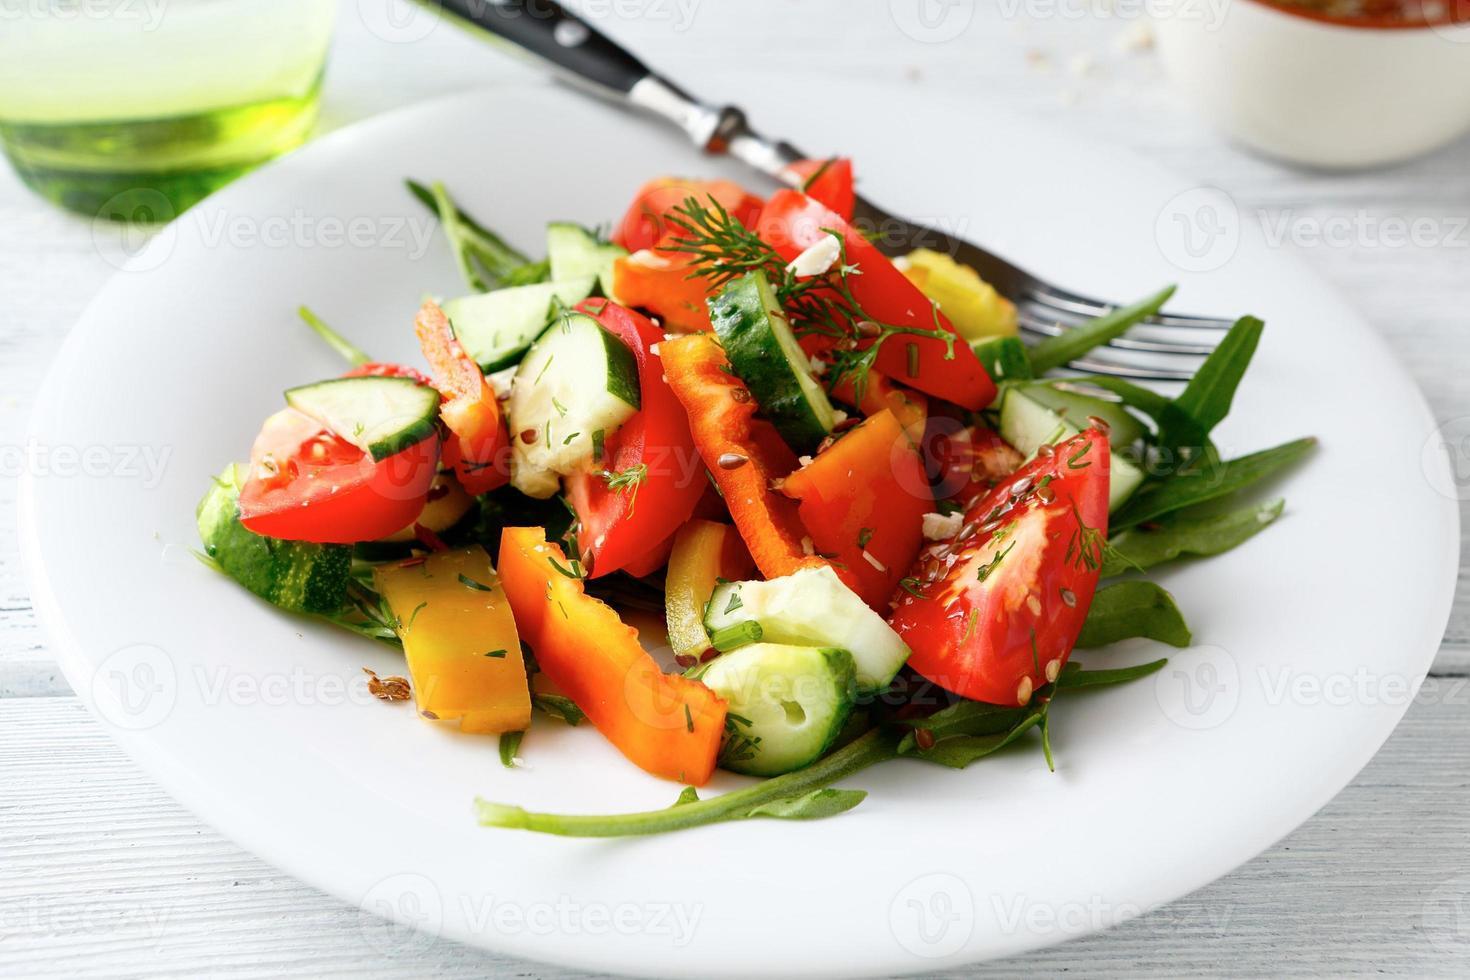 frischer Salat mit Tomaten, Gurken und Rucola foto